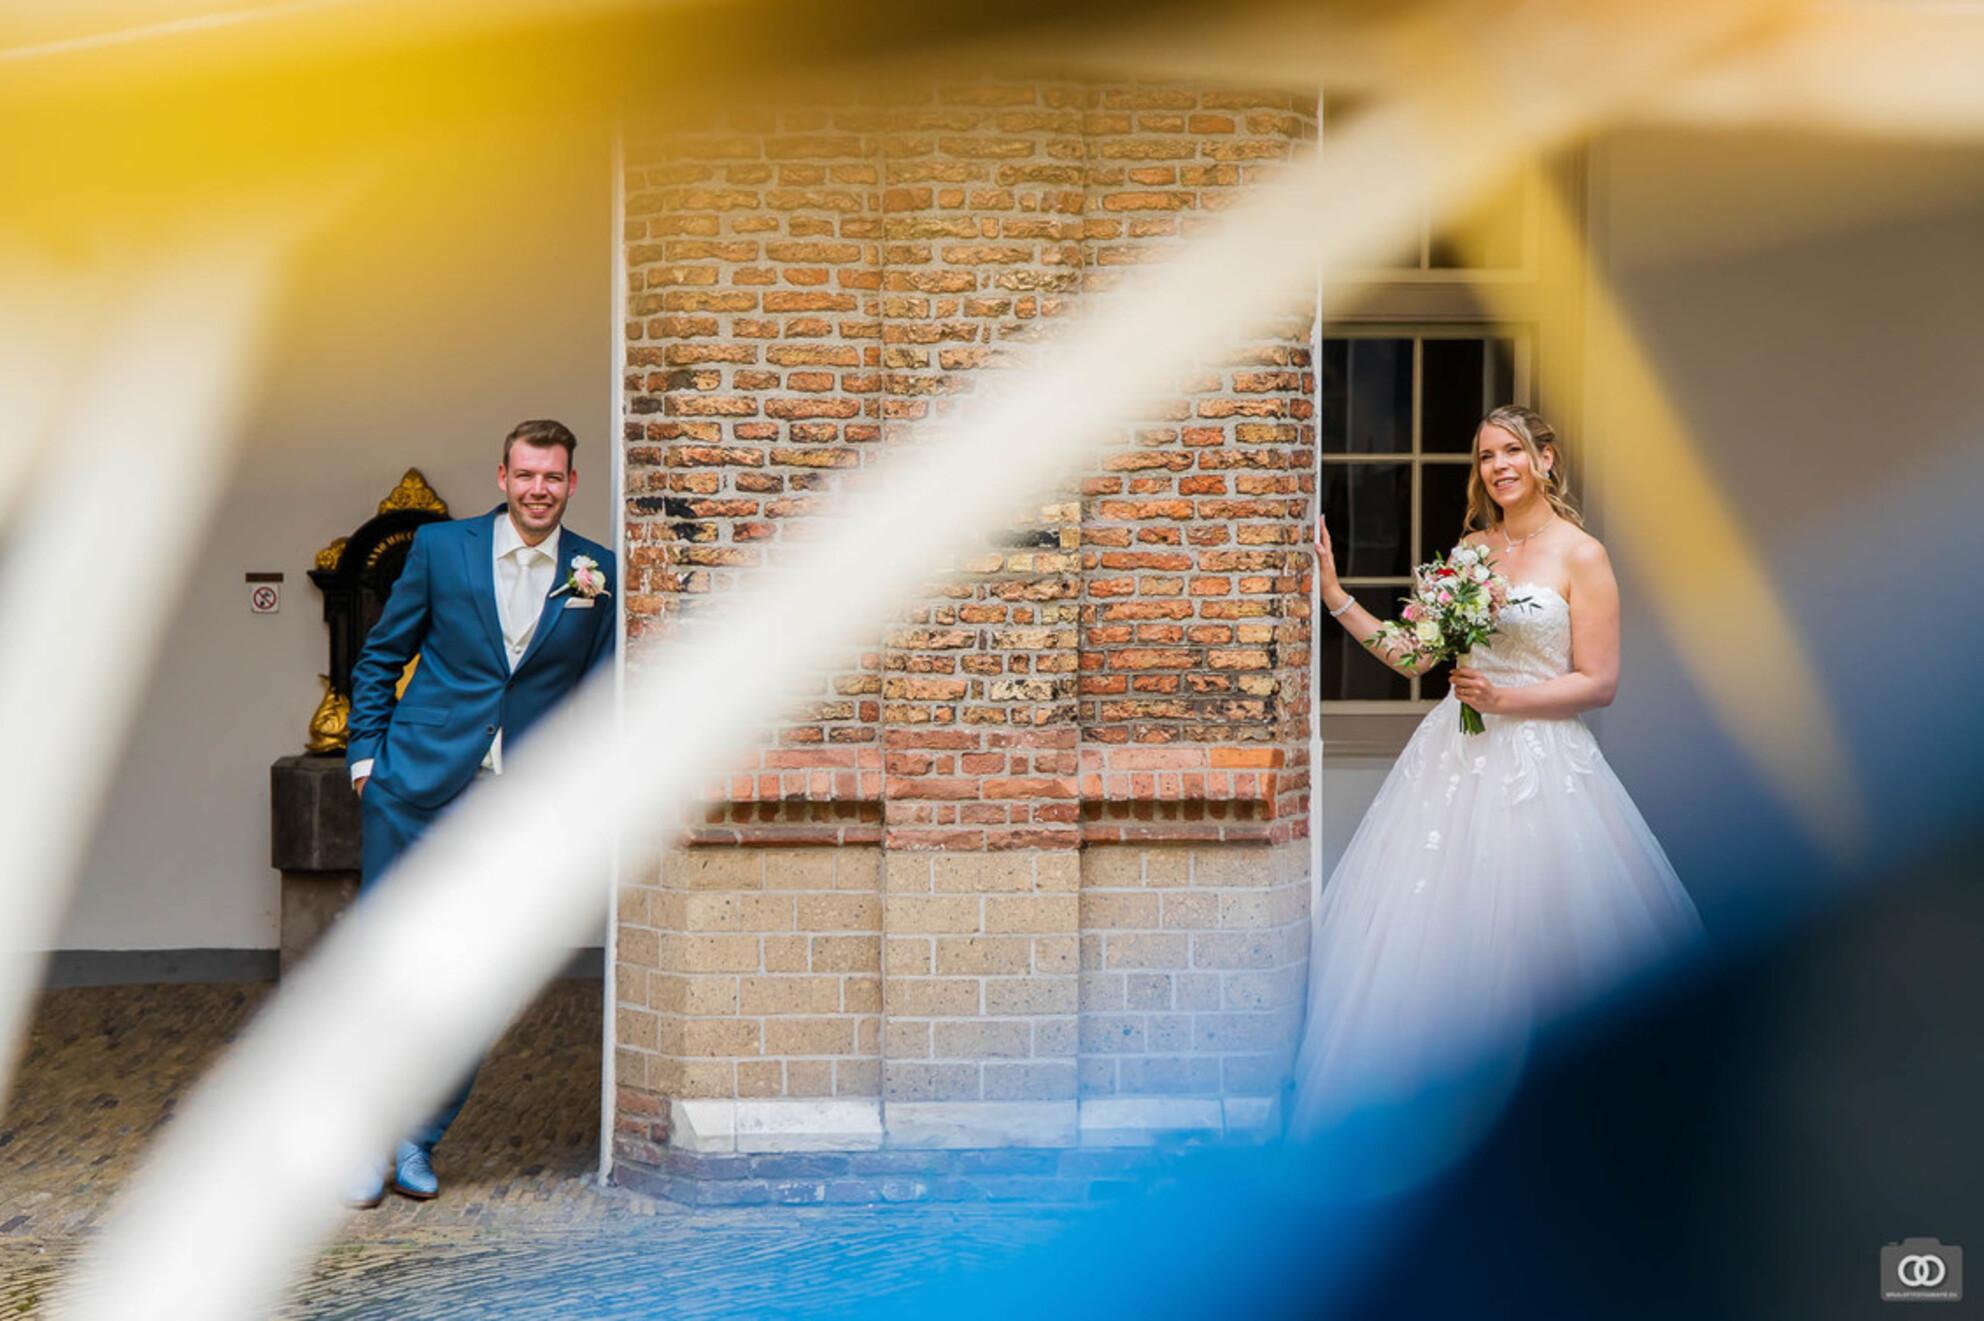 Kunstig - Ik fotografeerde dit bruidspaar door een kunstwerk heen, weer eens een andere benadering. - foto door robinlooy op 02-03-2021 - deze foto bevat: kleuren, abstract, trouwen, lijnen, kunst, lensflare, bruidspaar, trouwfotografie, trouwfotograaf - Deze foto mag gebruikt worden in een Zoom.nl publicatie